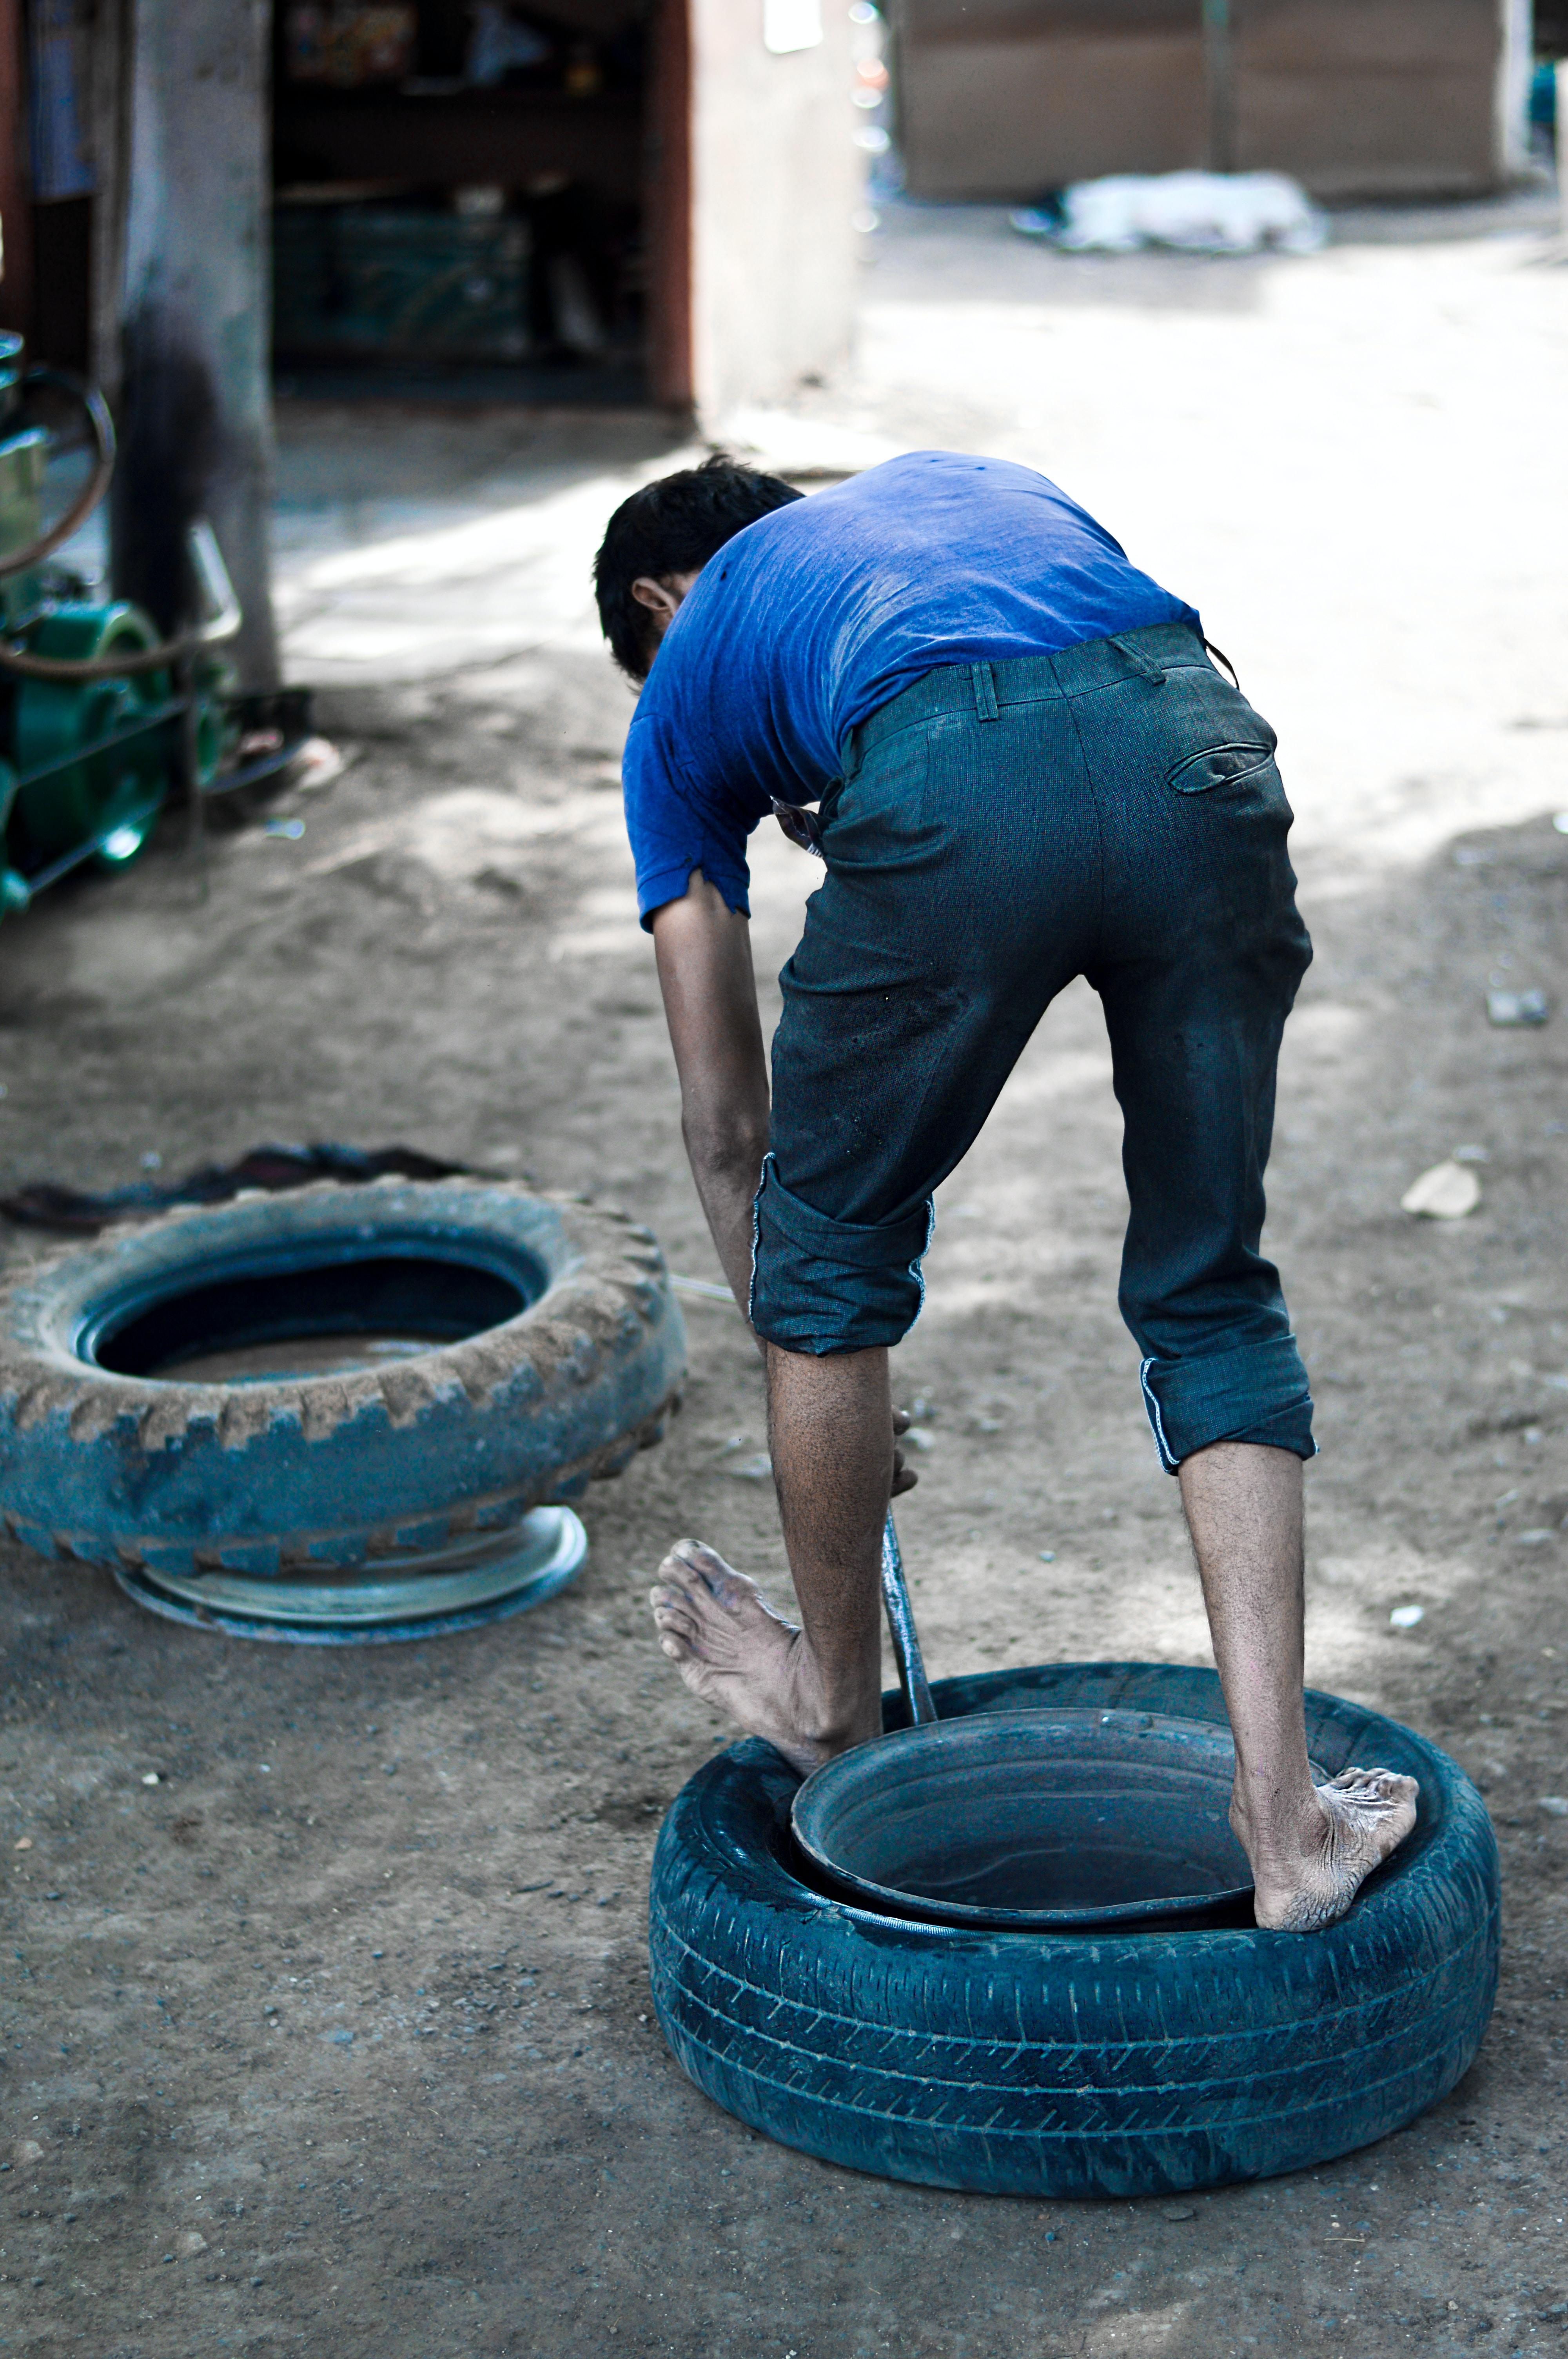 man changing tire during daytime